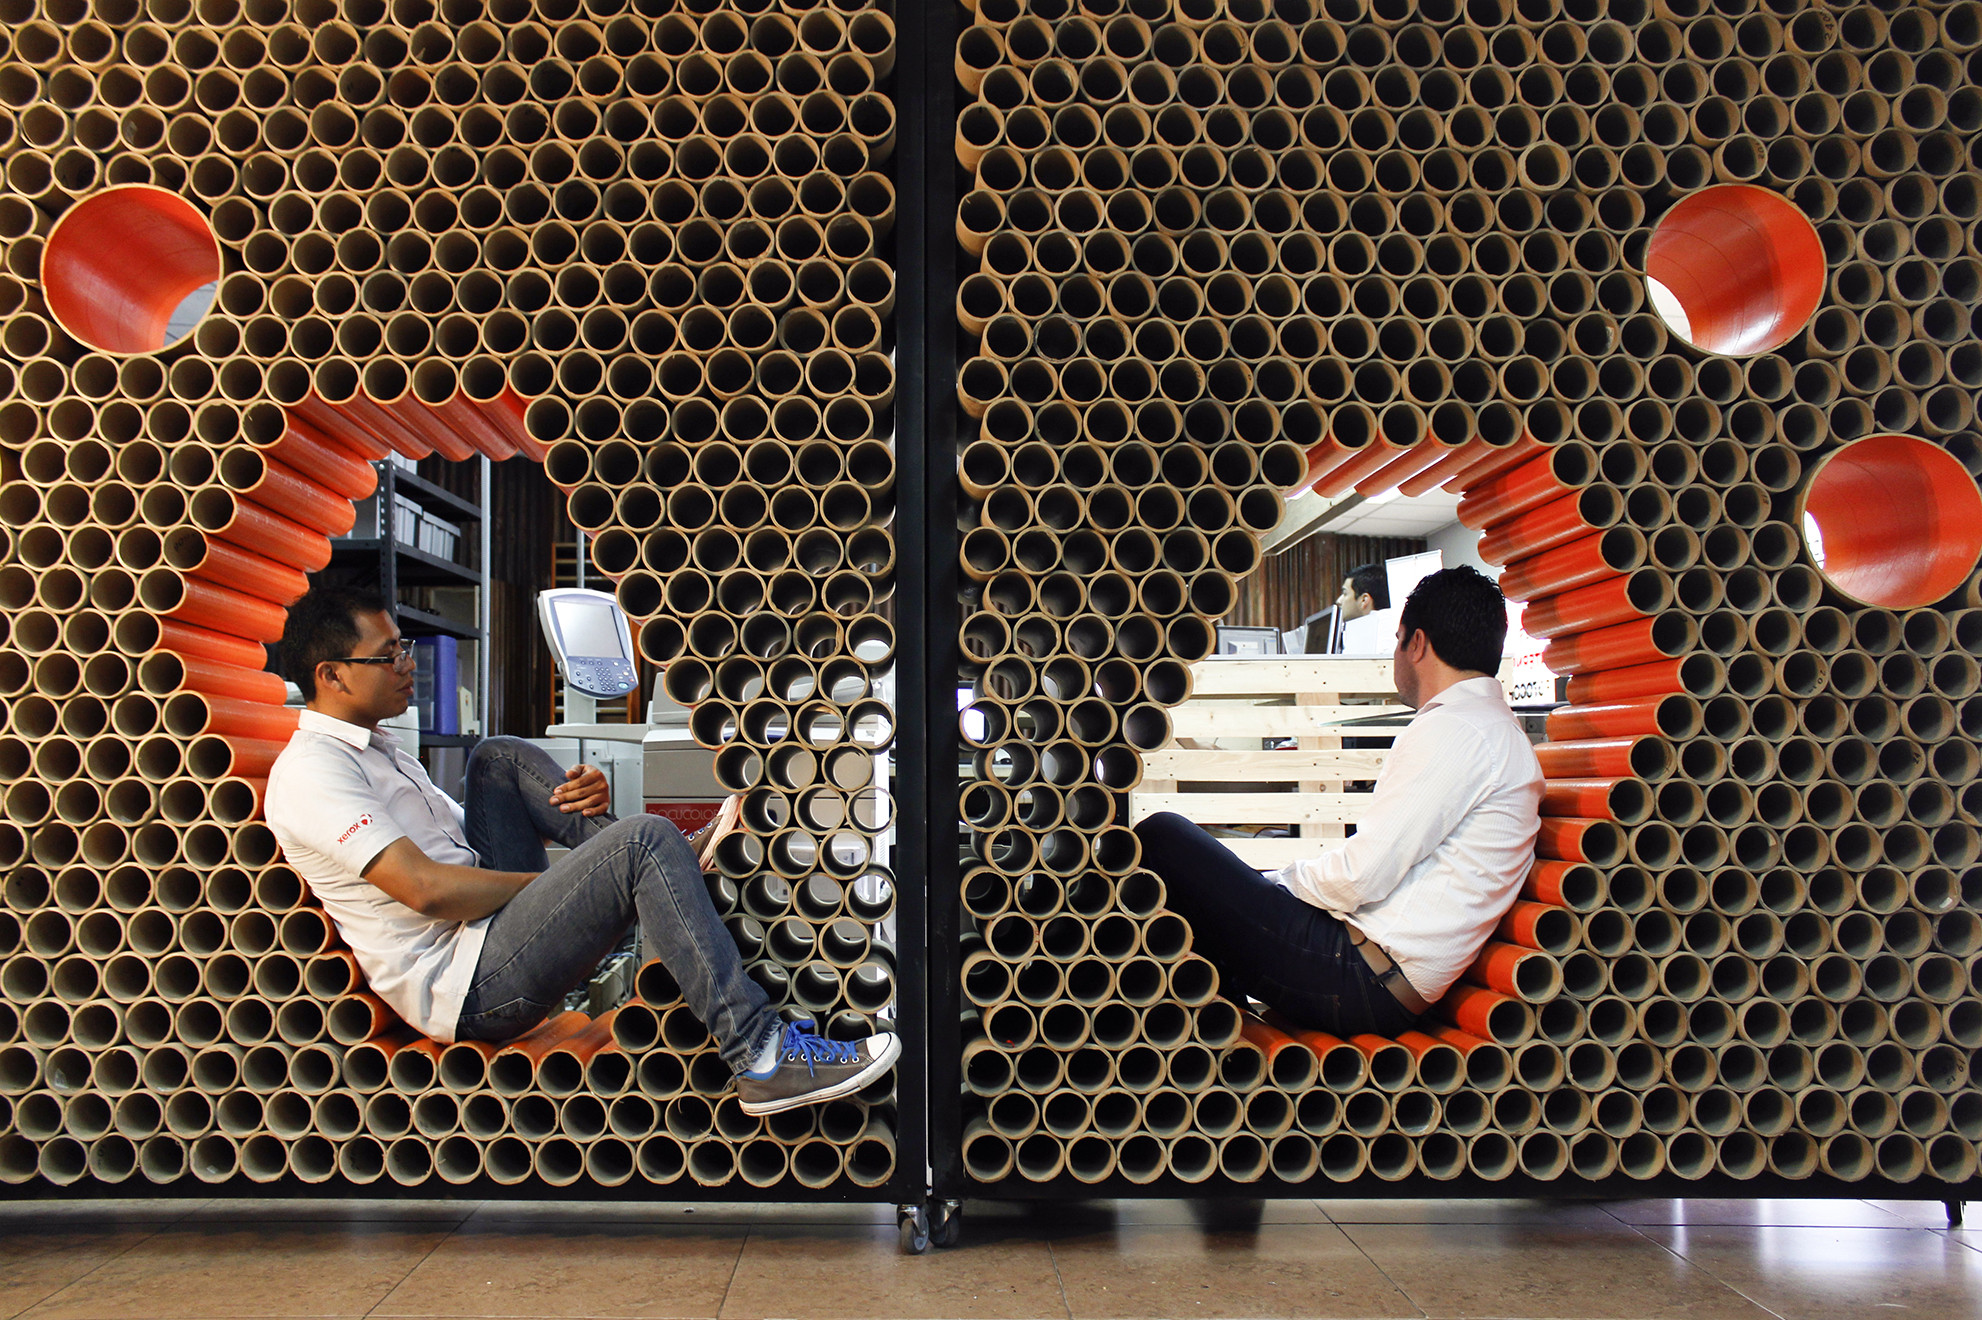 Reutilización de materiales en Guatemala: muro + mobiliario formado por 1600 tubos de cartón, © Werner Solorzano